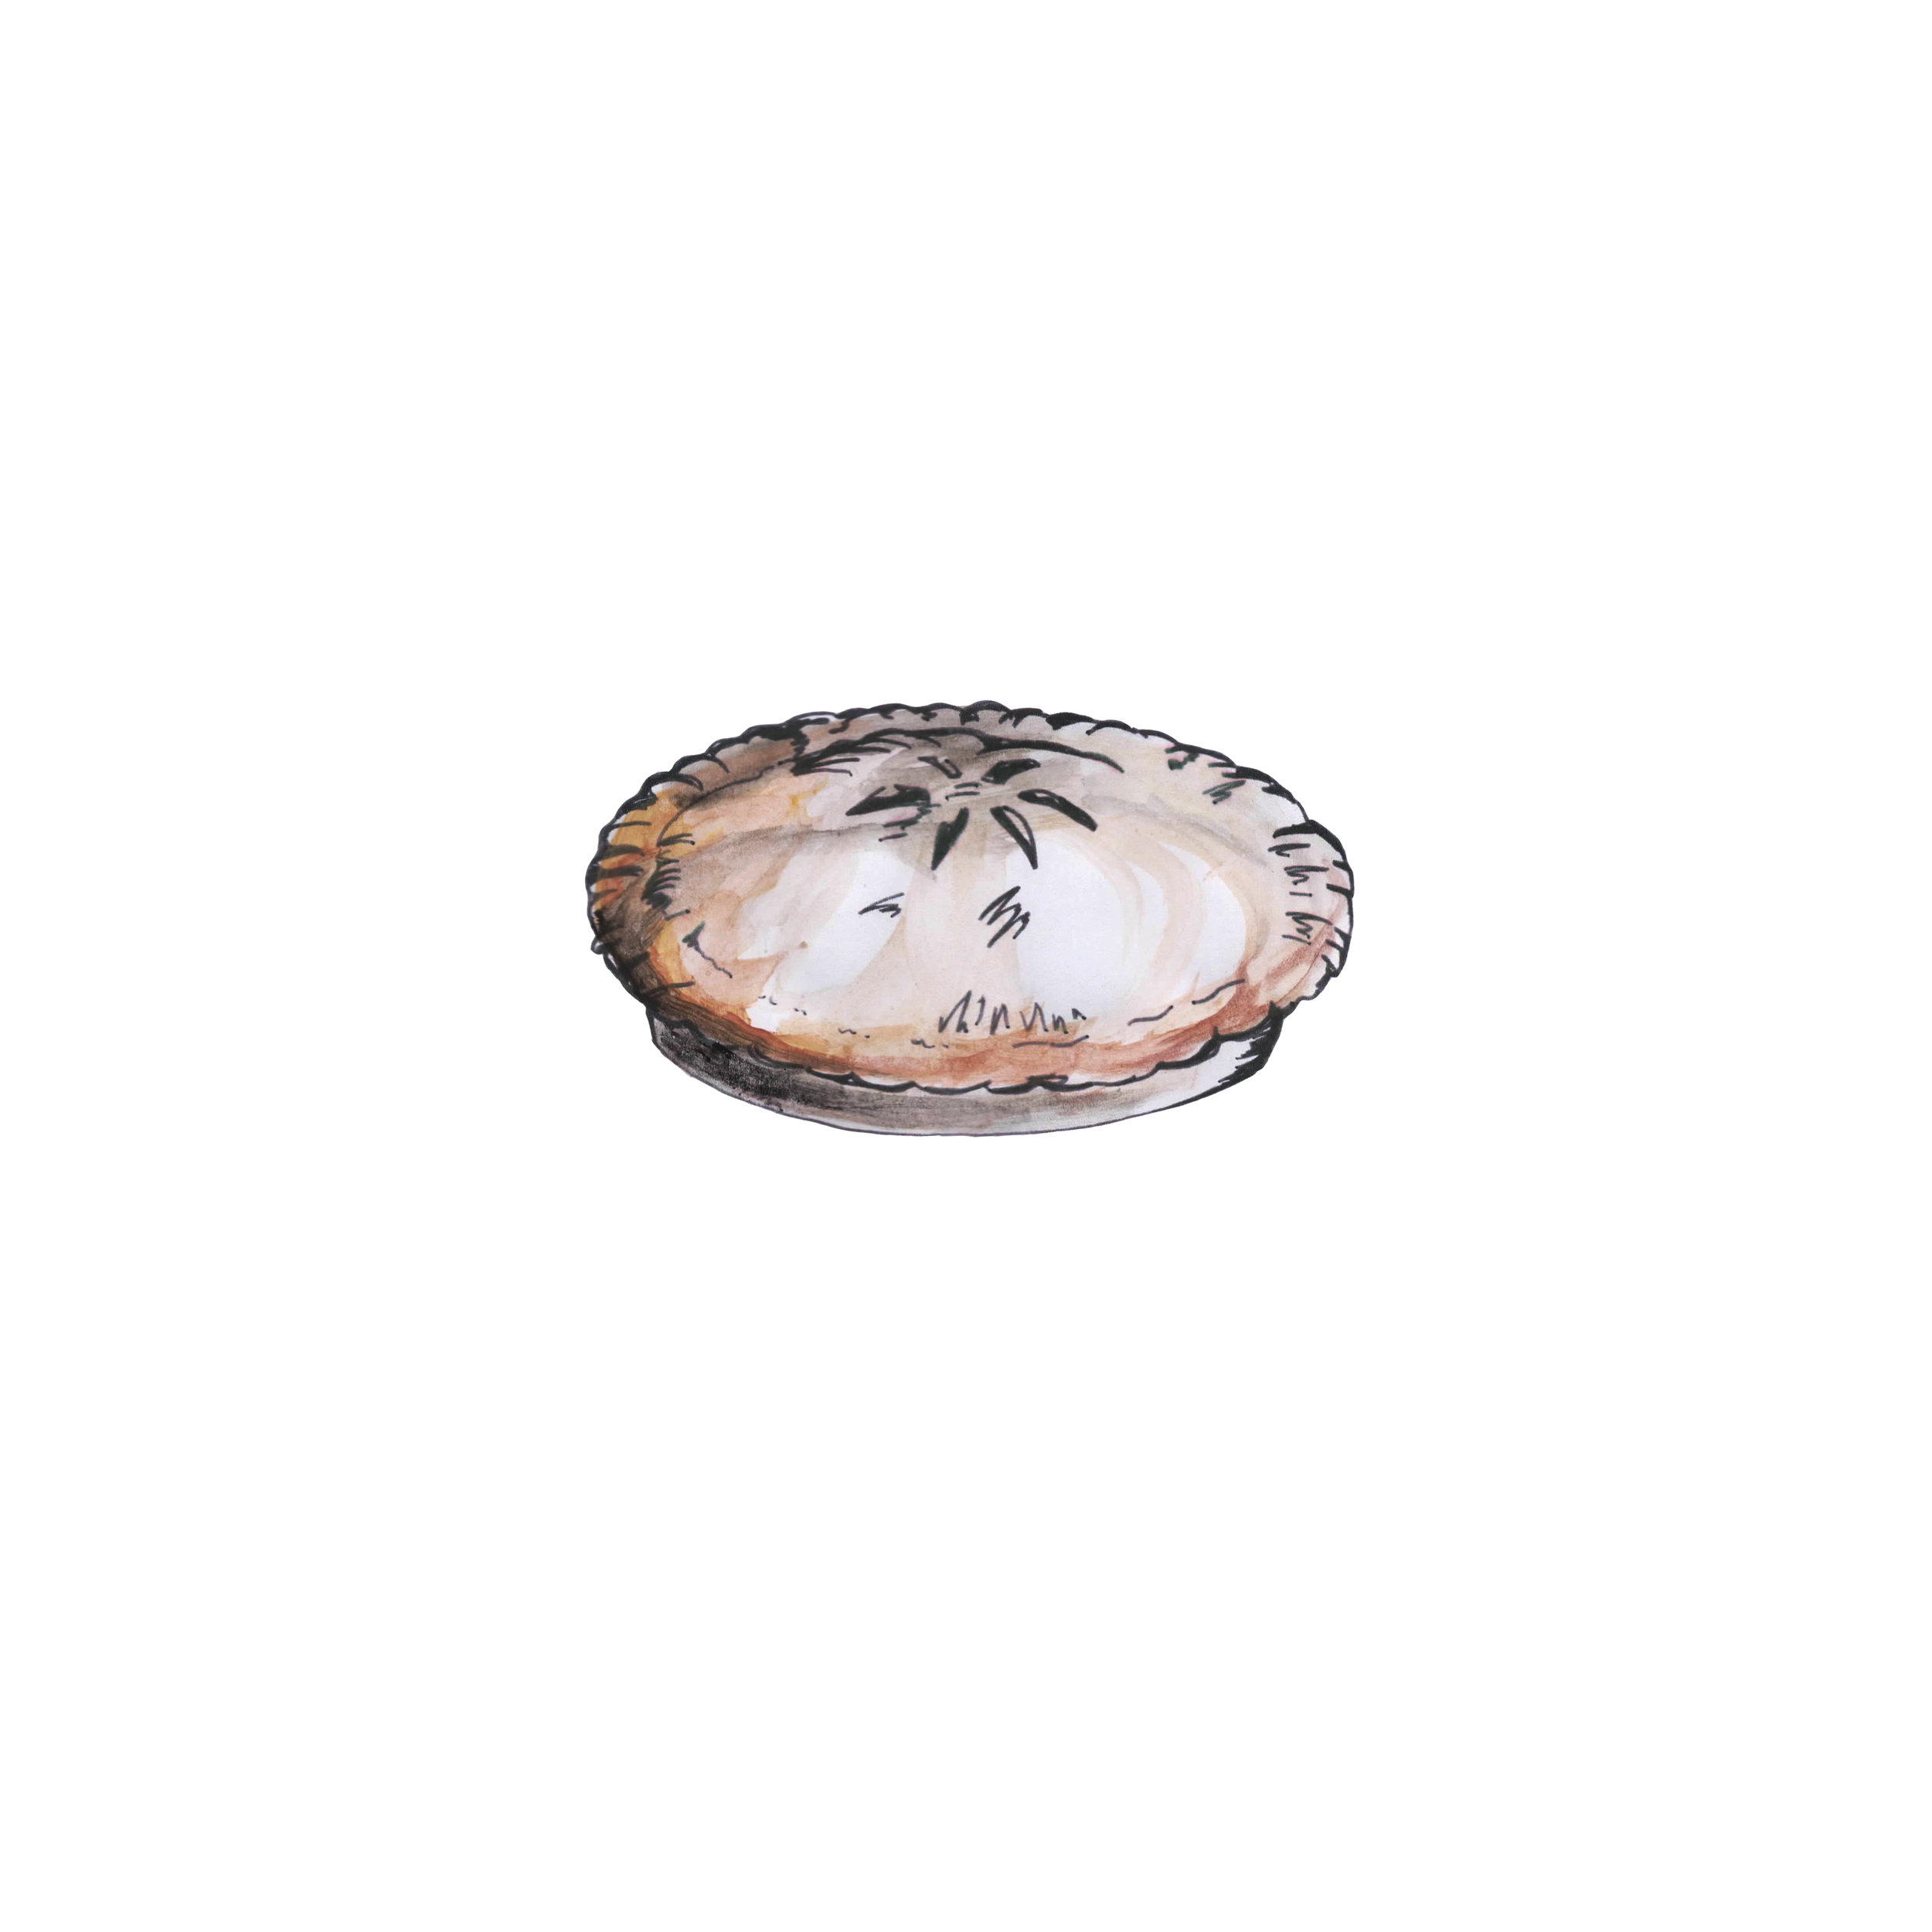 Whole Cherrie Pie